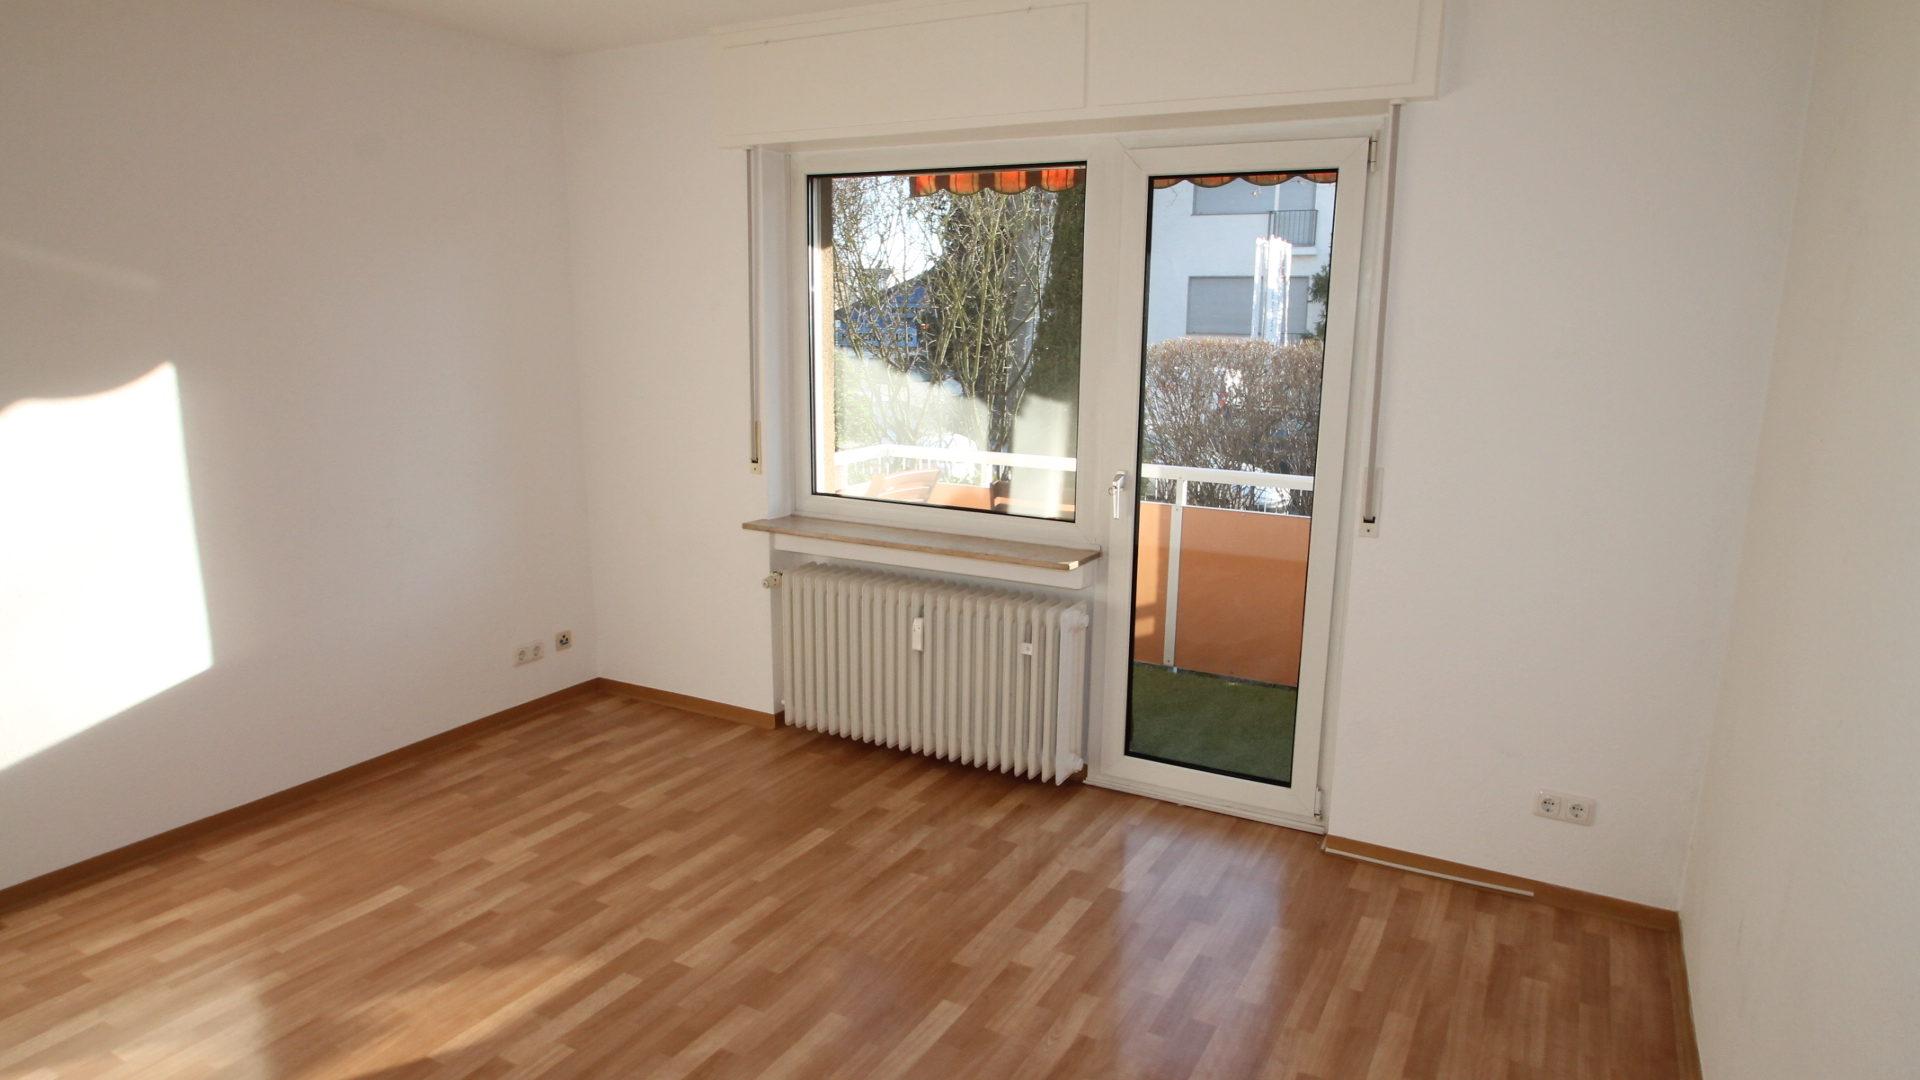 *Zentral gelegen* Geräumige 3 Zimmer im gepflegten Wohnhaus mit Sonnenbalkon 1